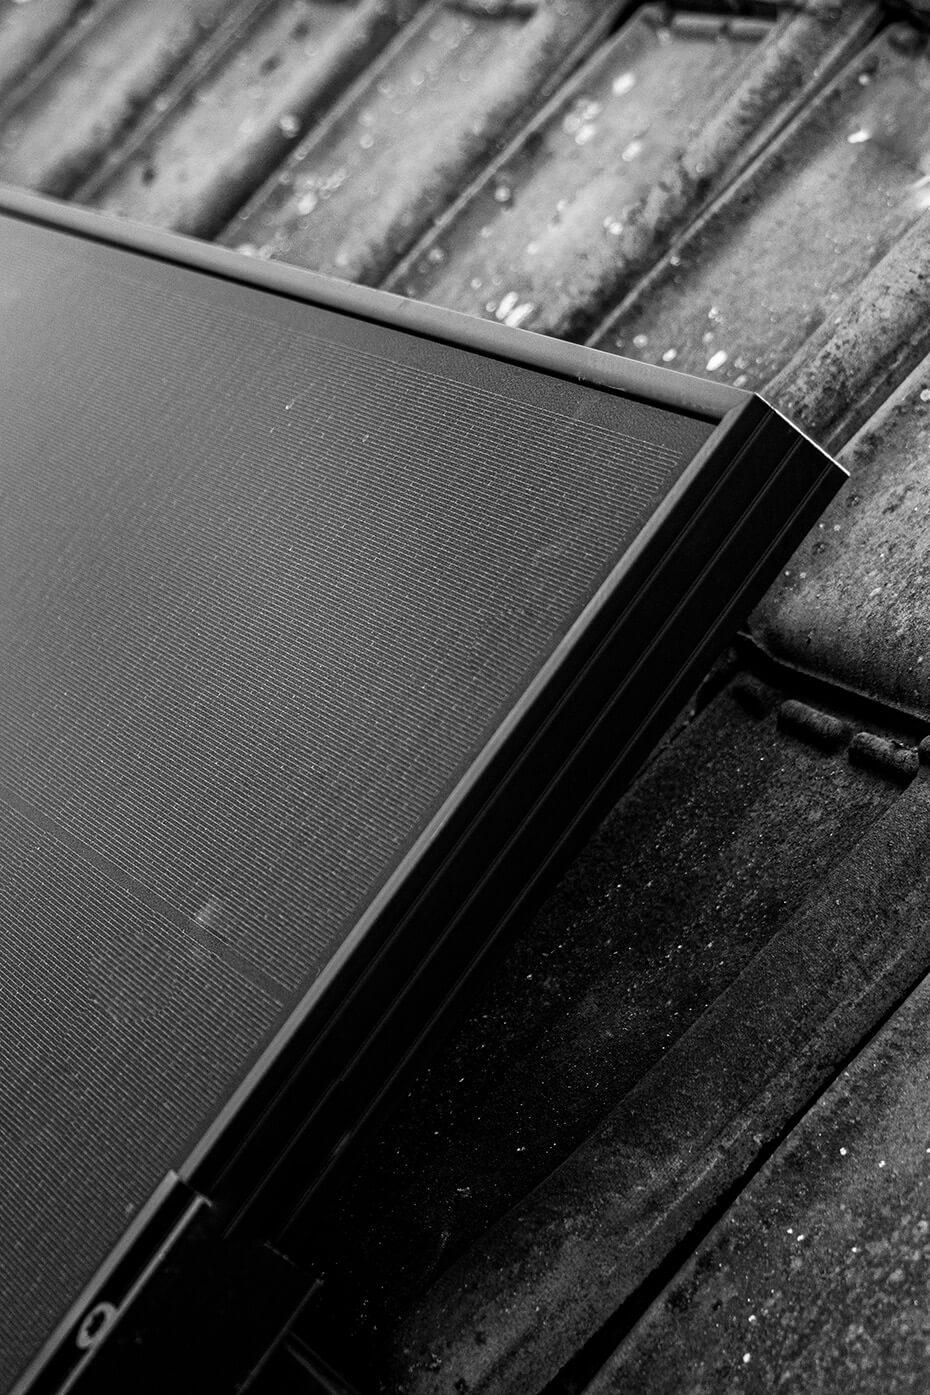 Zwart wit close-up foto van de hoek van een zonnepaneel